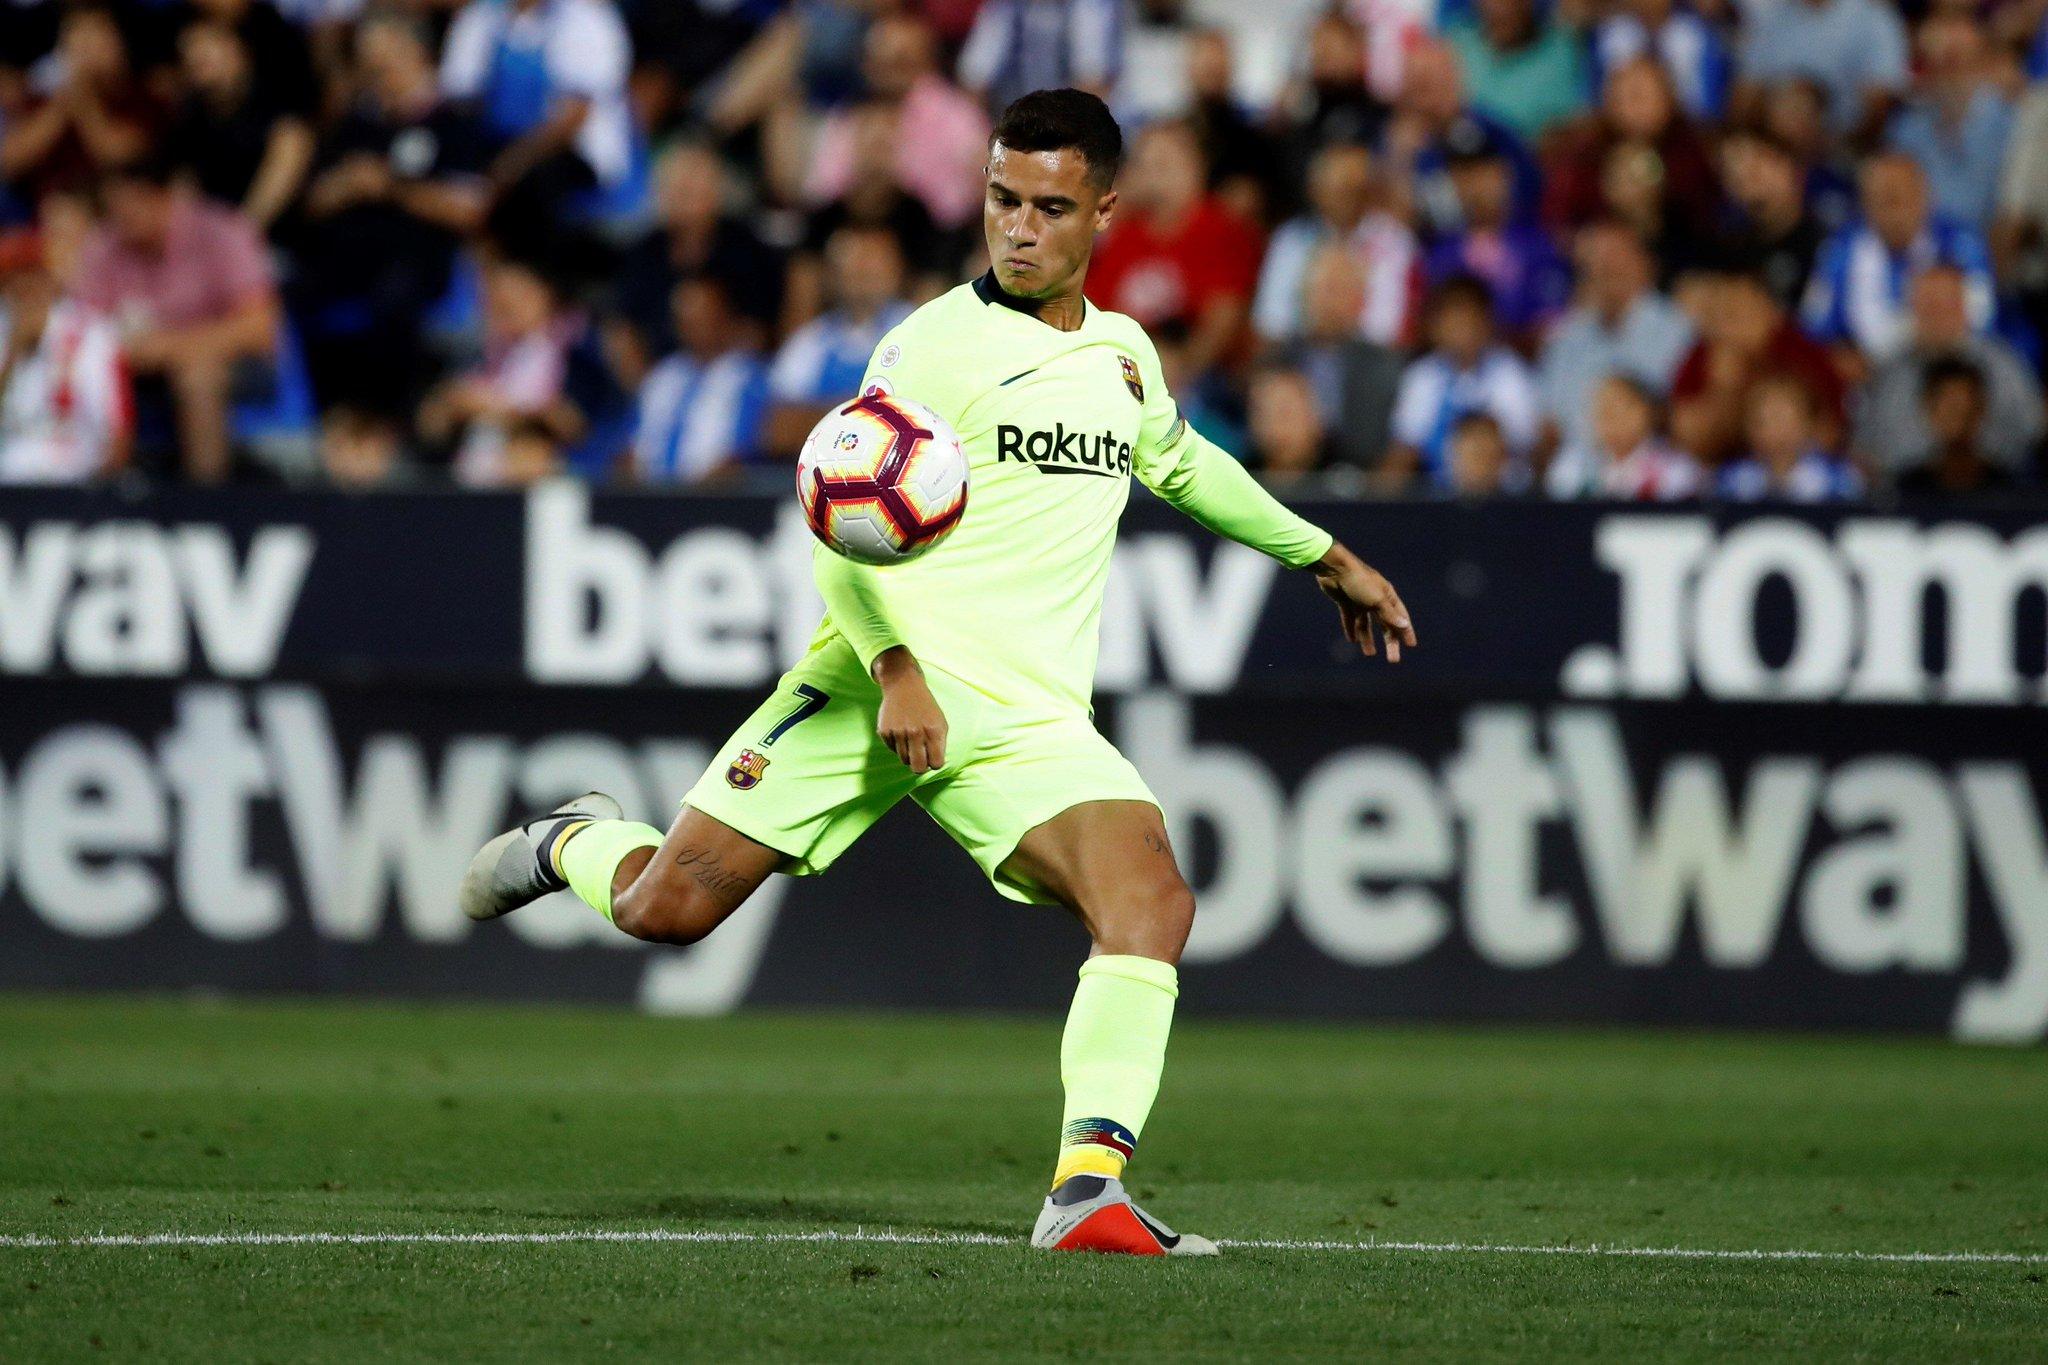 صور مباراة : ليغانيس - برشلونة 2-1 ( 26-09-2018 ) DoCl7YzXgAUTKjJ